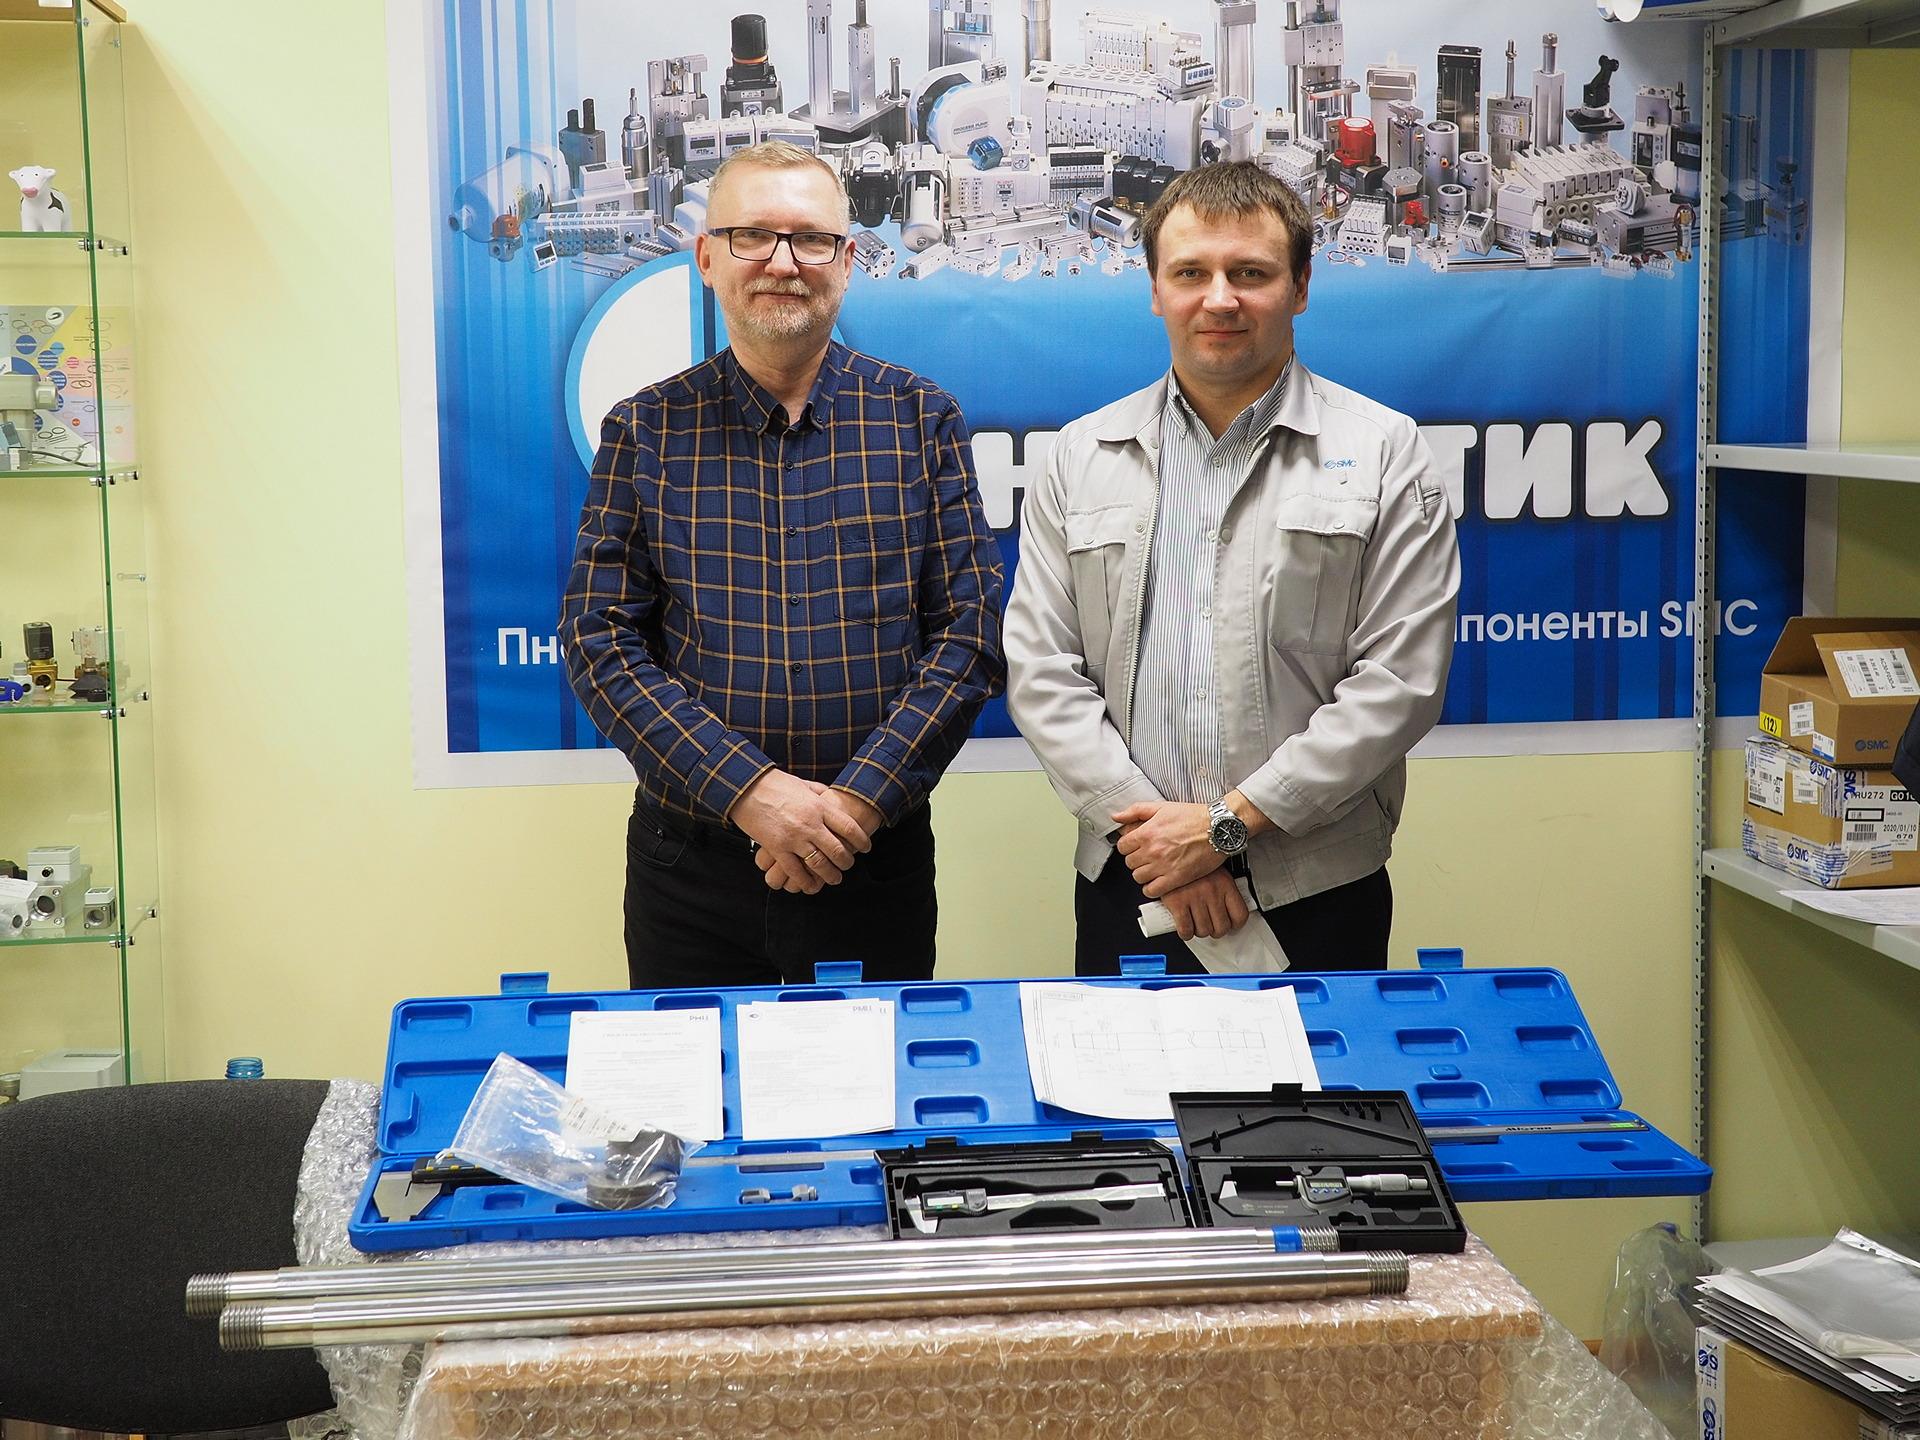 Дыркин А.В. завод SMC в г. Луховицы